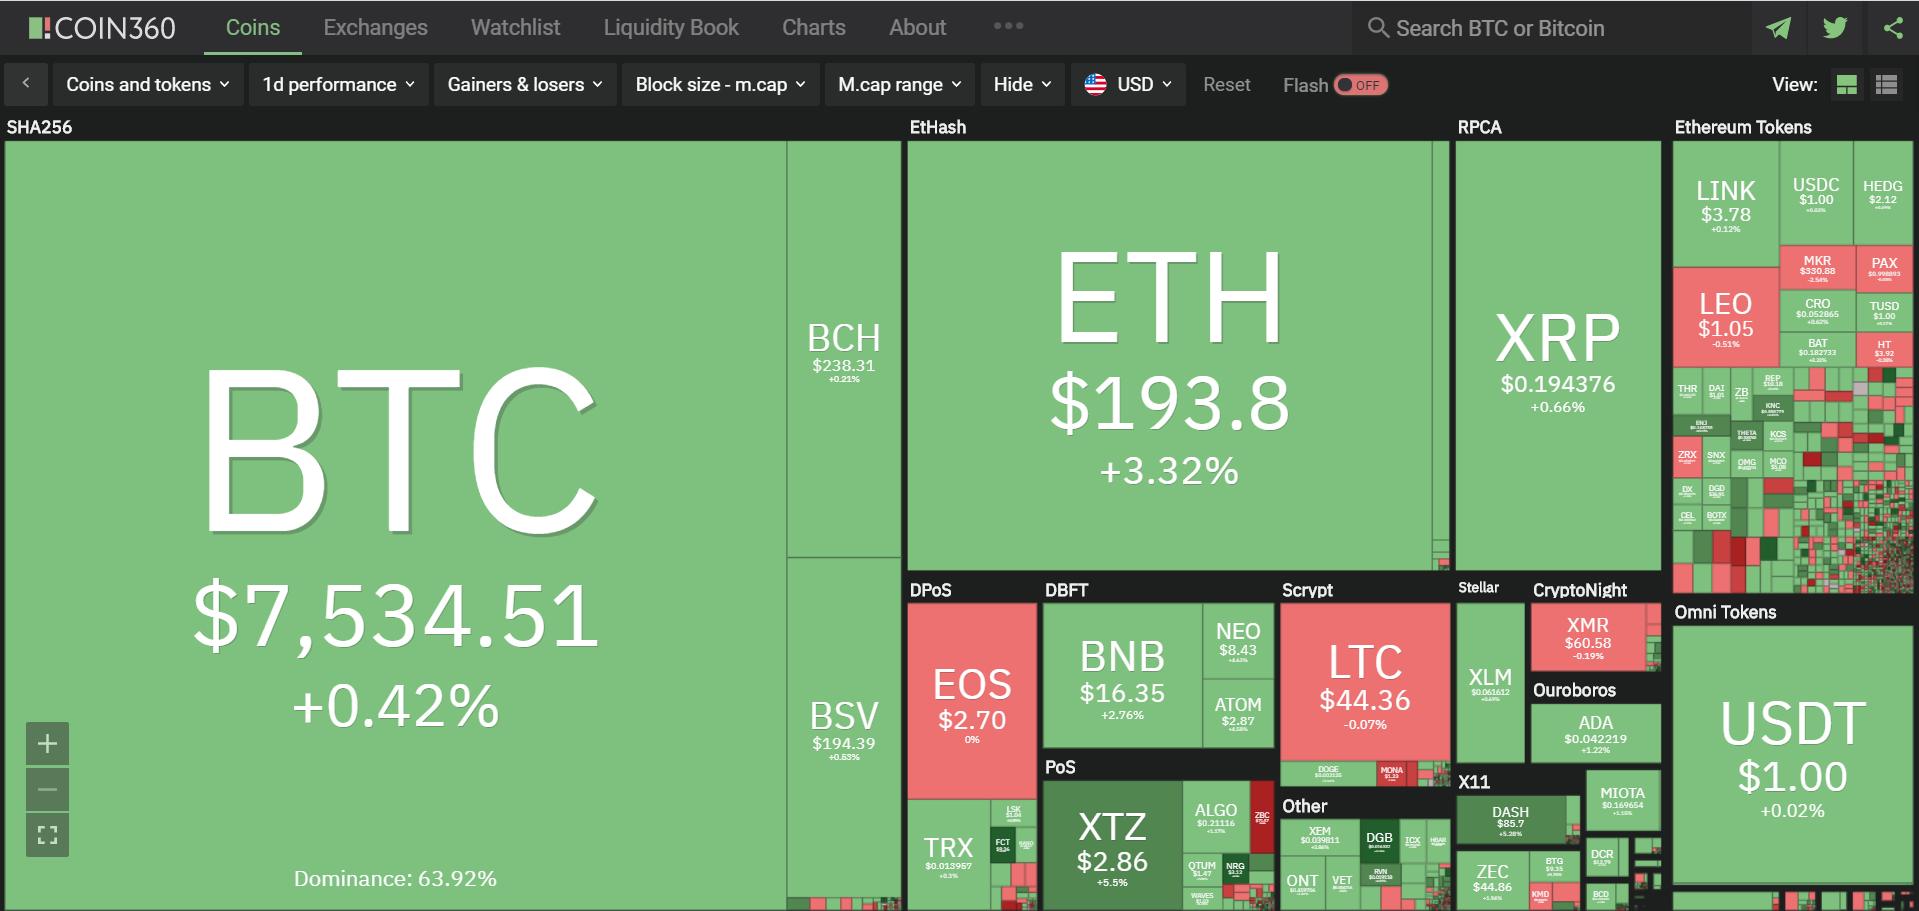 Toàn cảnh thị trường ngày 26/4 (nguồn: Coin360.com)